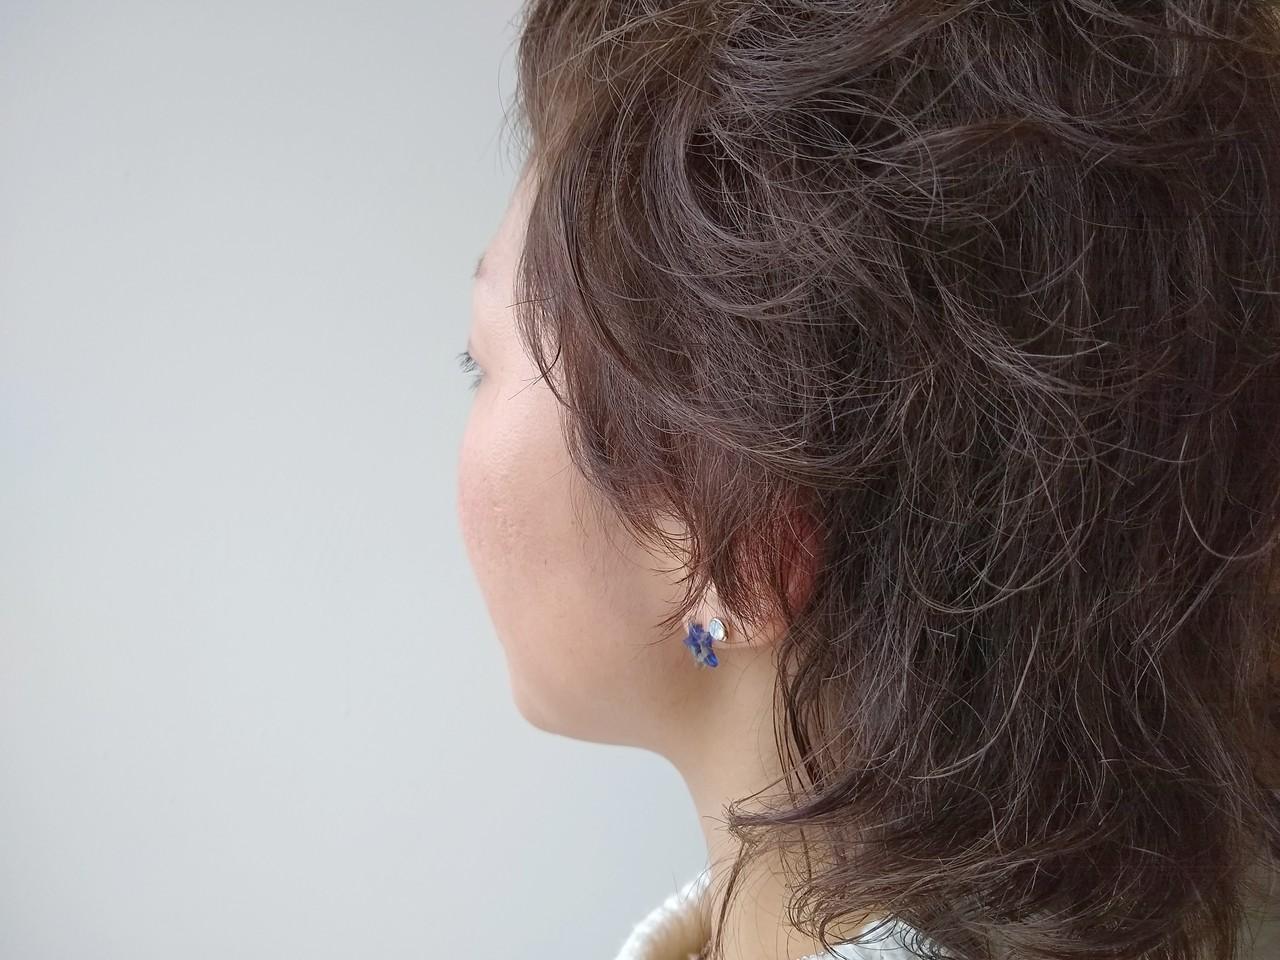 モード ウルフカット ショート グレージュ ヘアスタイルや髪型の写真・画像